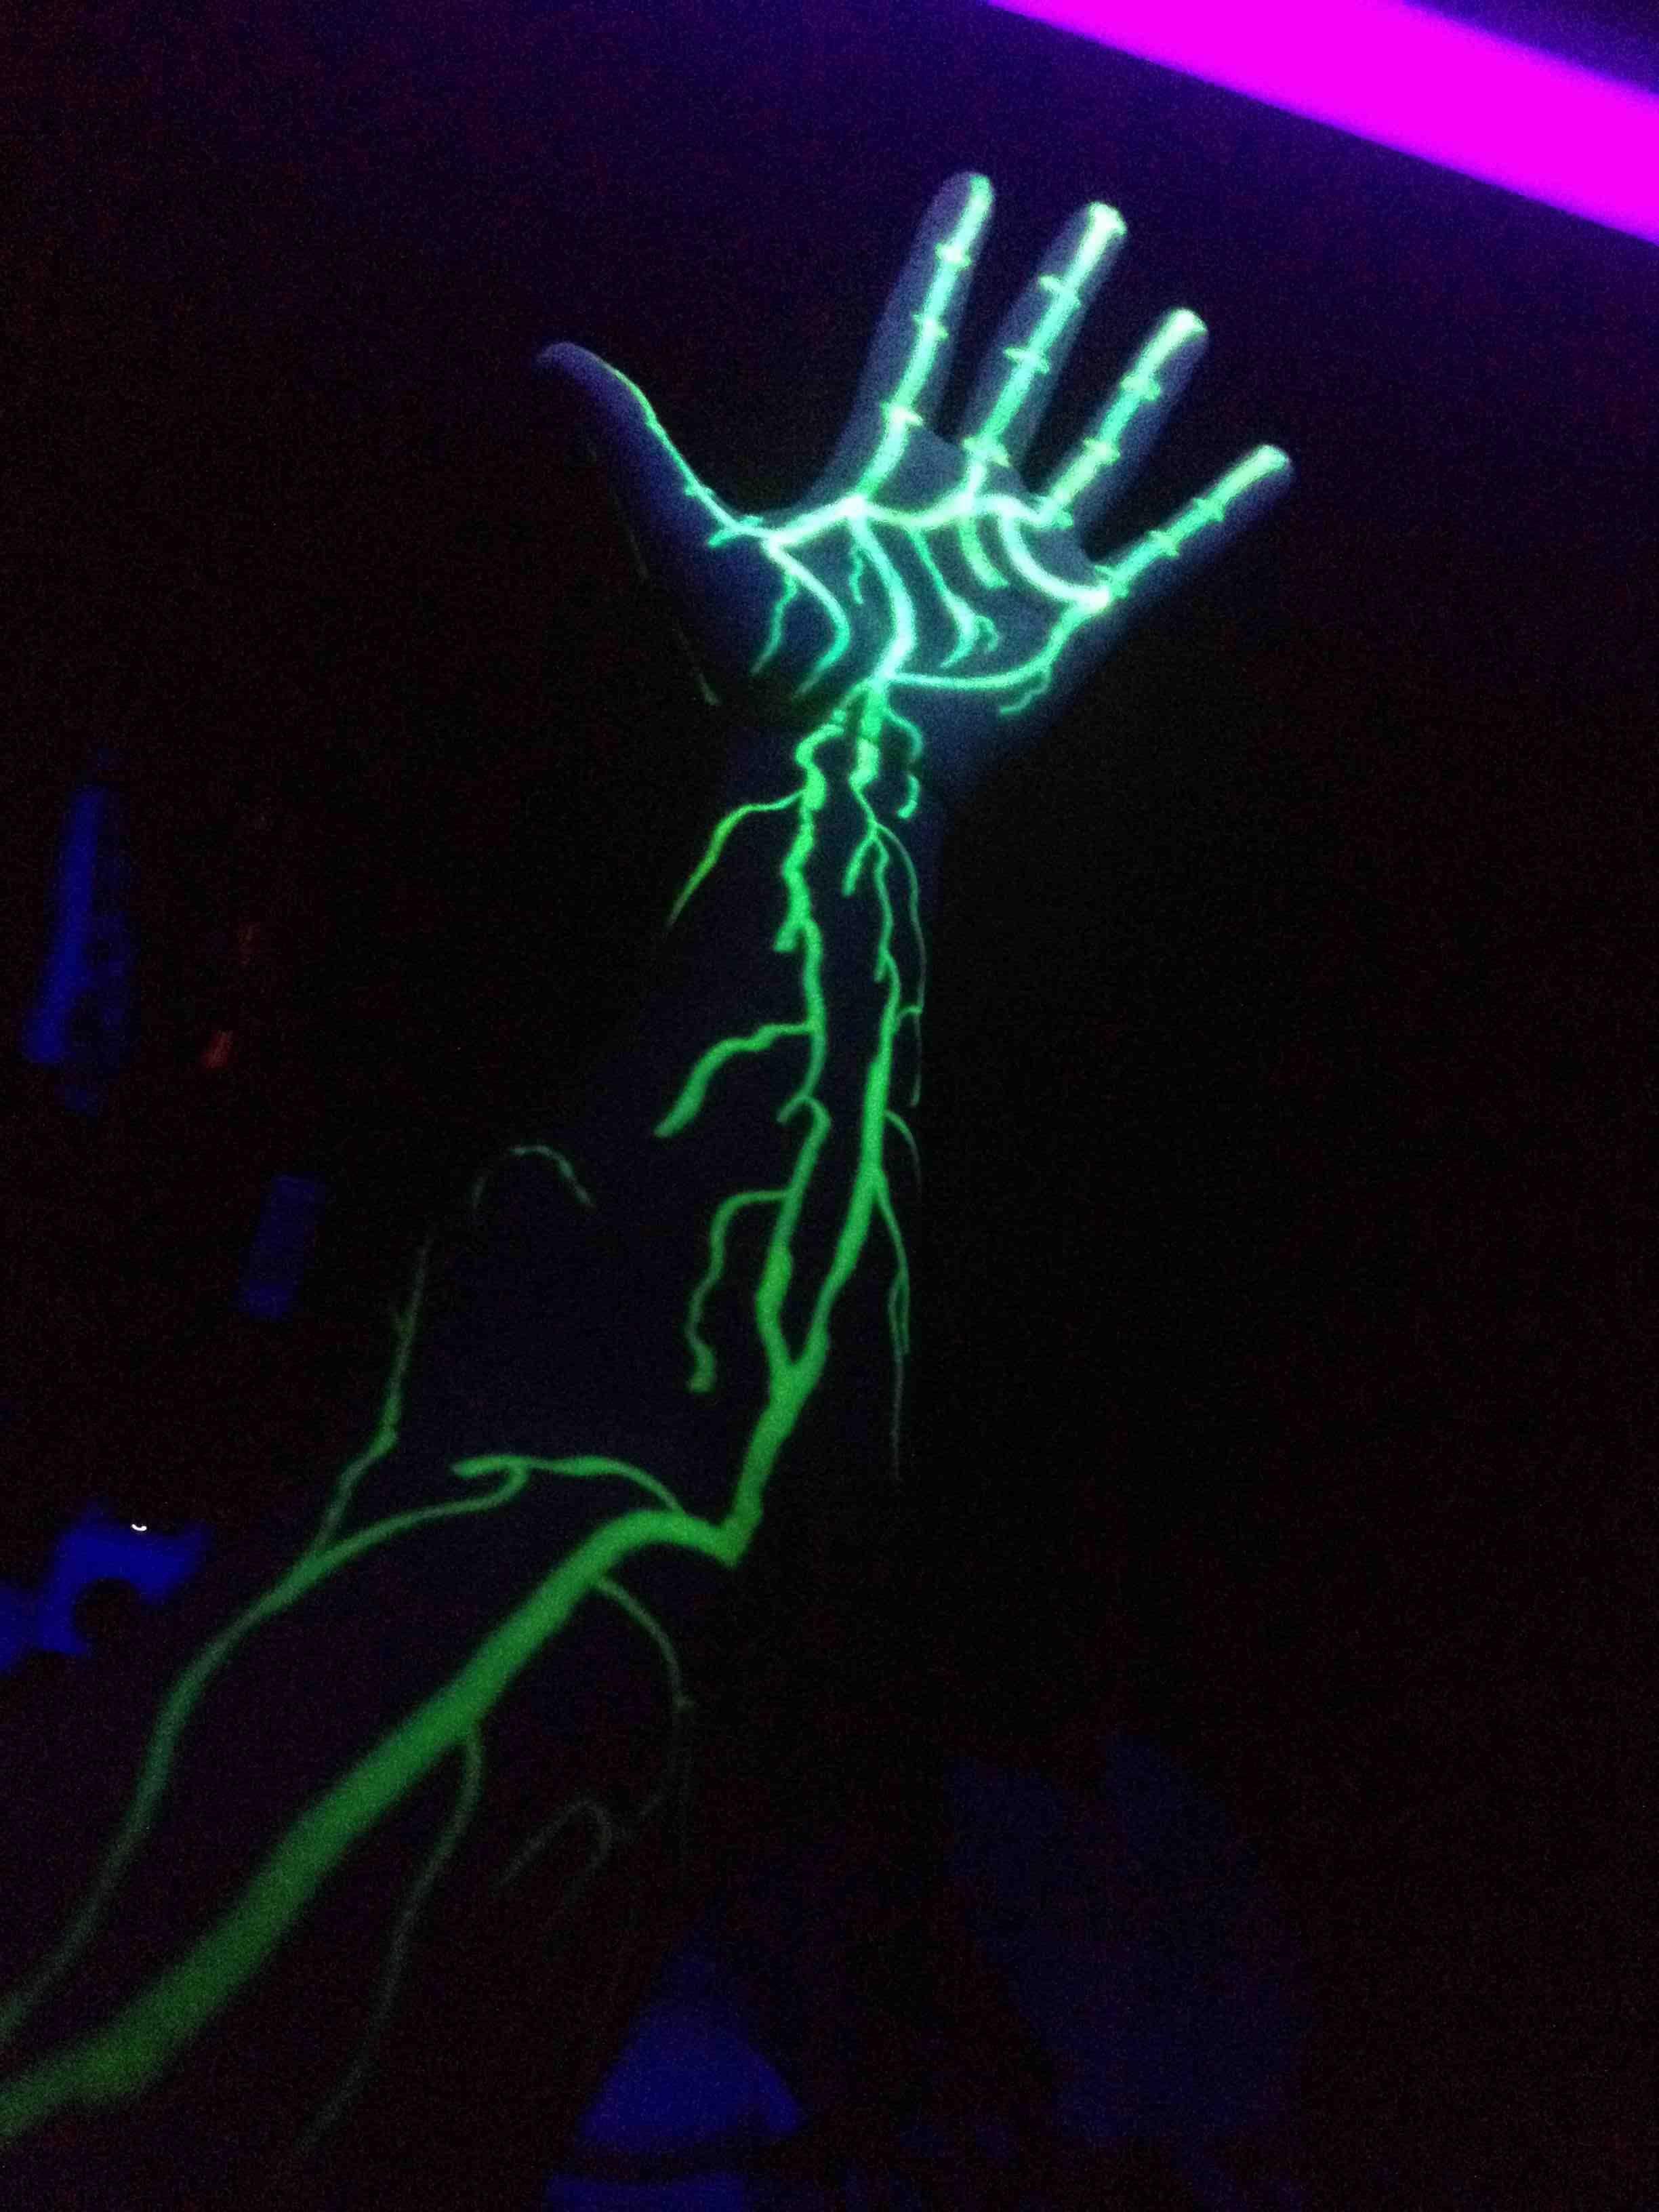 I Drew On My Arm With A Highlighter Then Put It Under A Black Light Black Light Tattoo Neon Tattoo Dark Tattoo